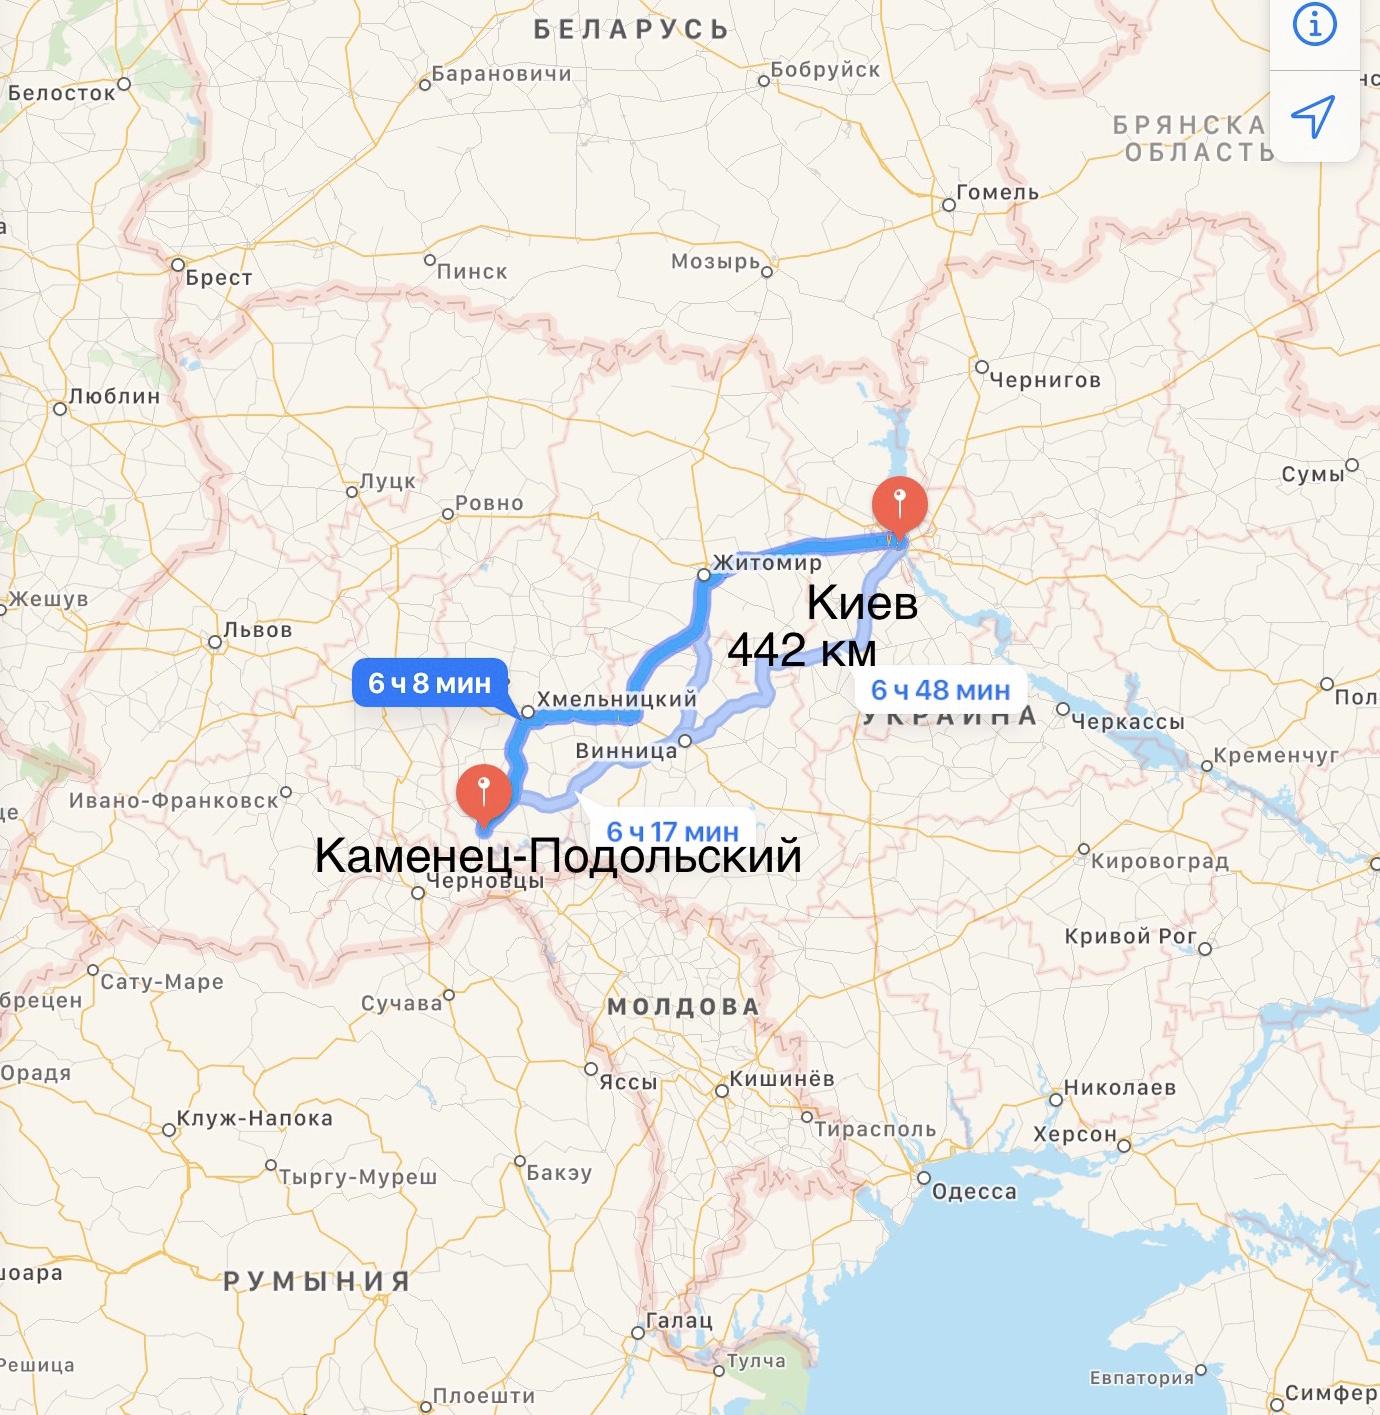 Грузоперевозки Киев – Каменец-Подольский